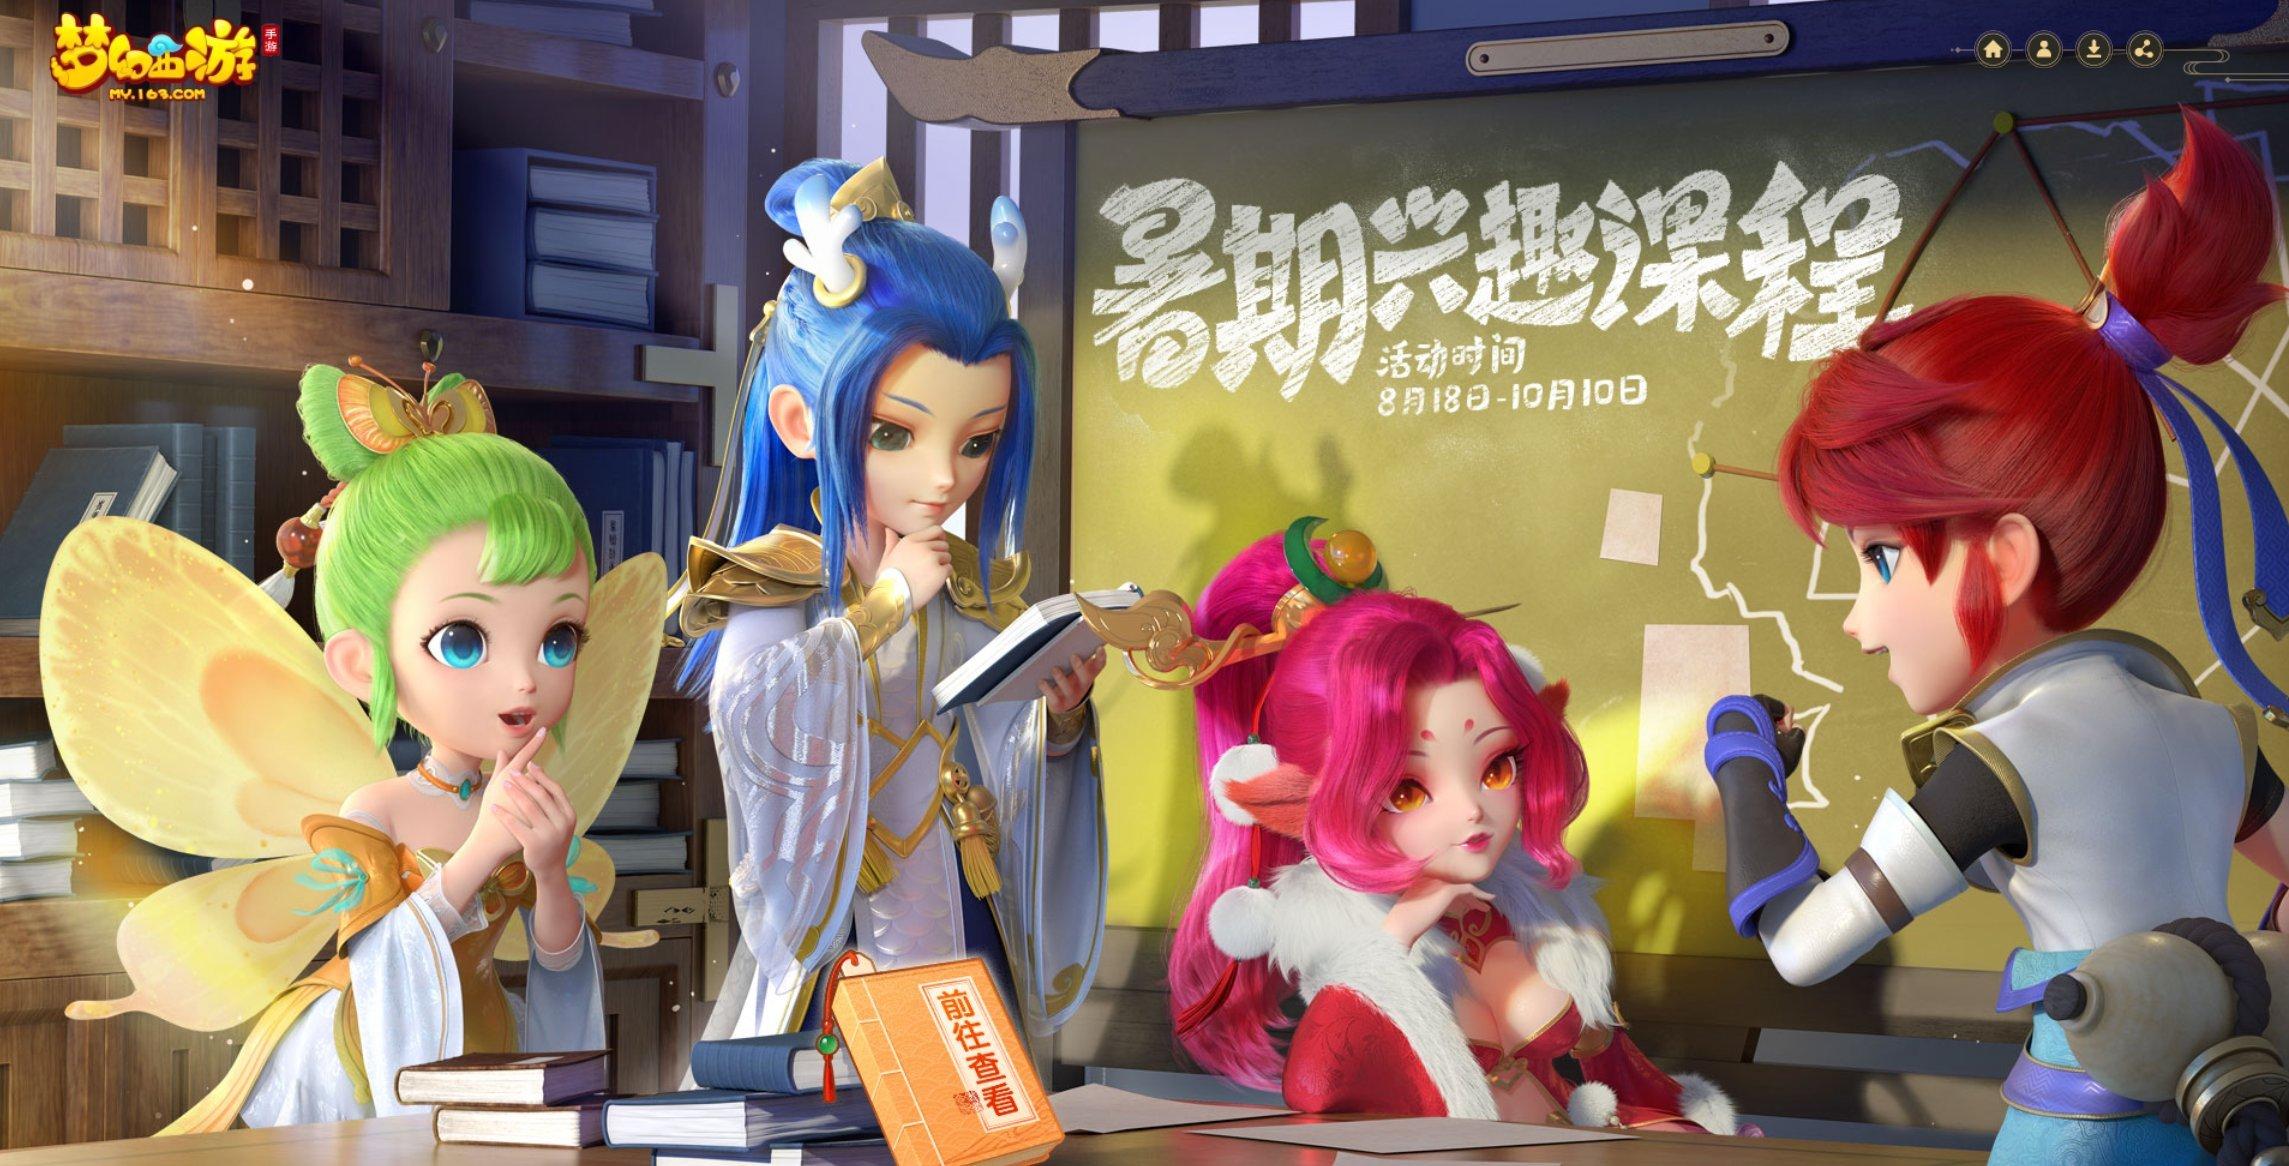 畅玩三界趣味多,《梦幻西游》手游暑假兴趣班开课啦!